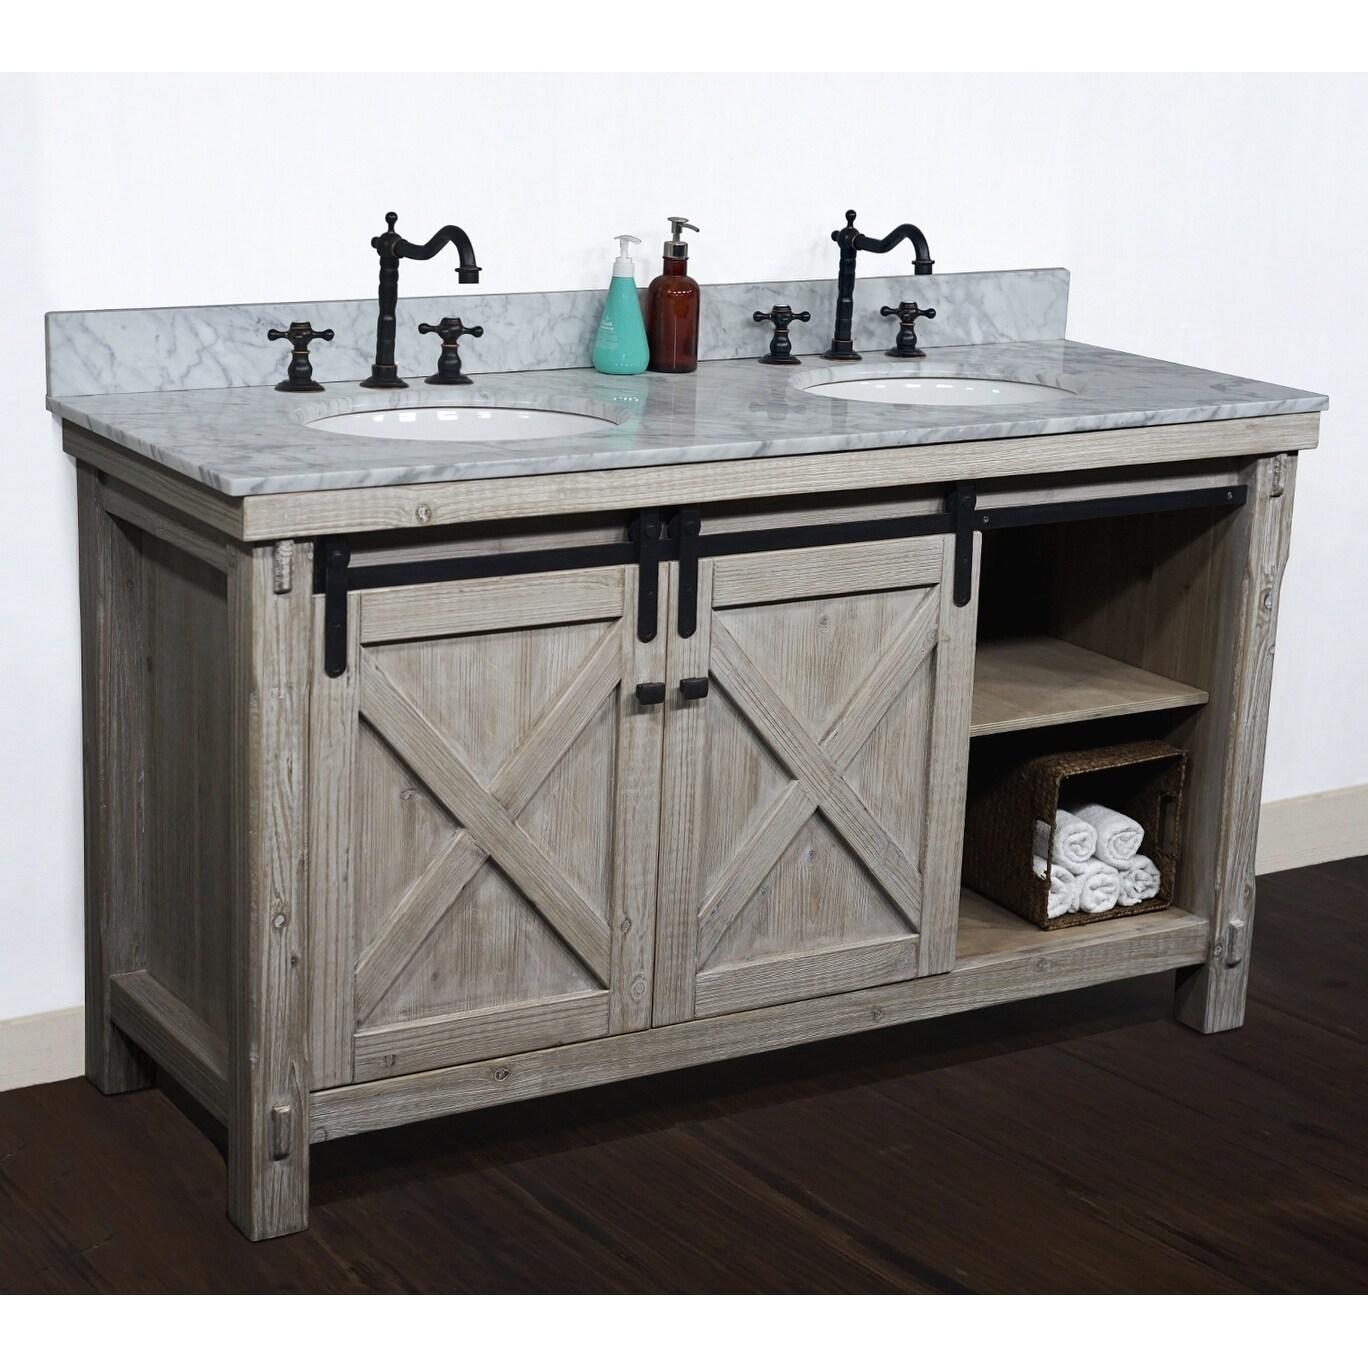 Shop 61 Rustic Solid Fir Barn Door Style Double Sink Vanites With Marble Or Granite Tops No Faucet Overstock 29882471